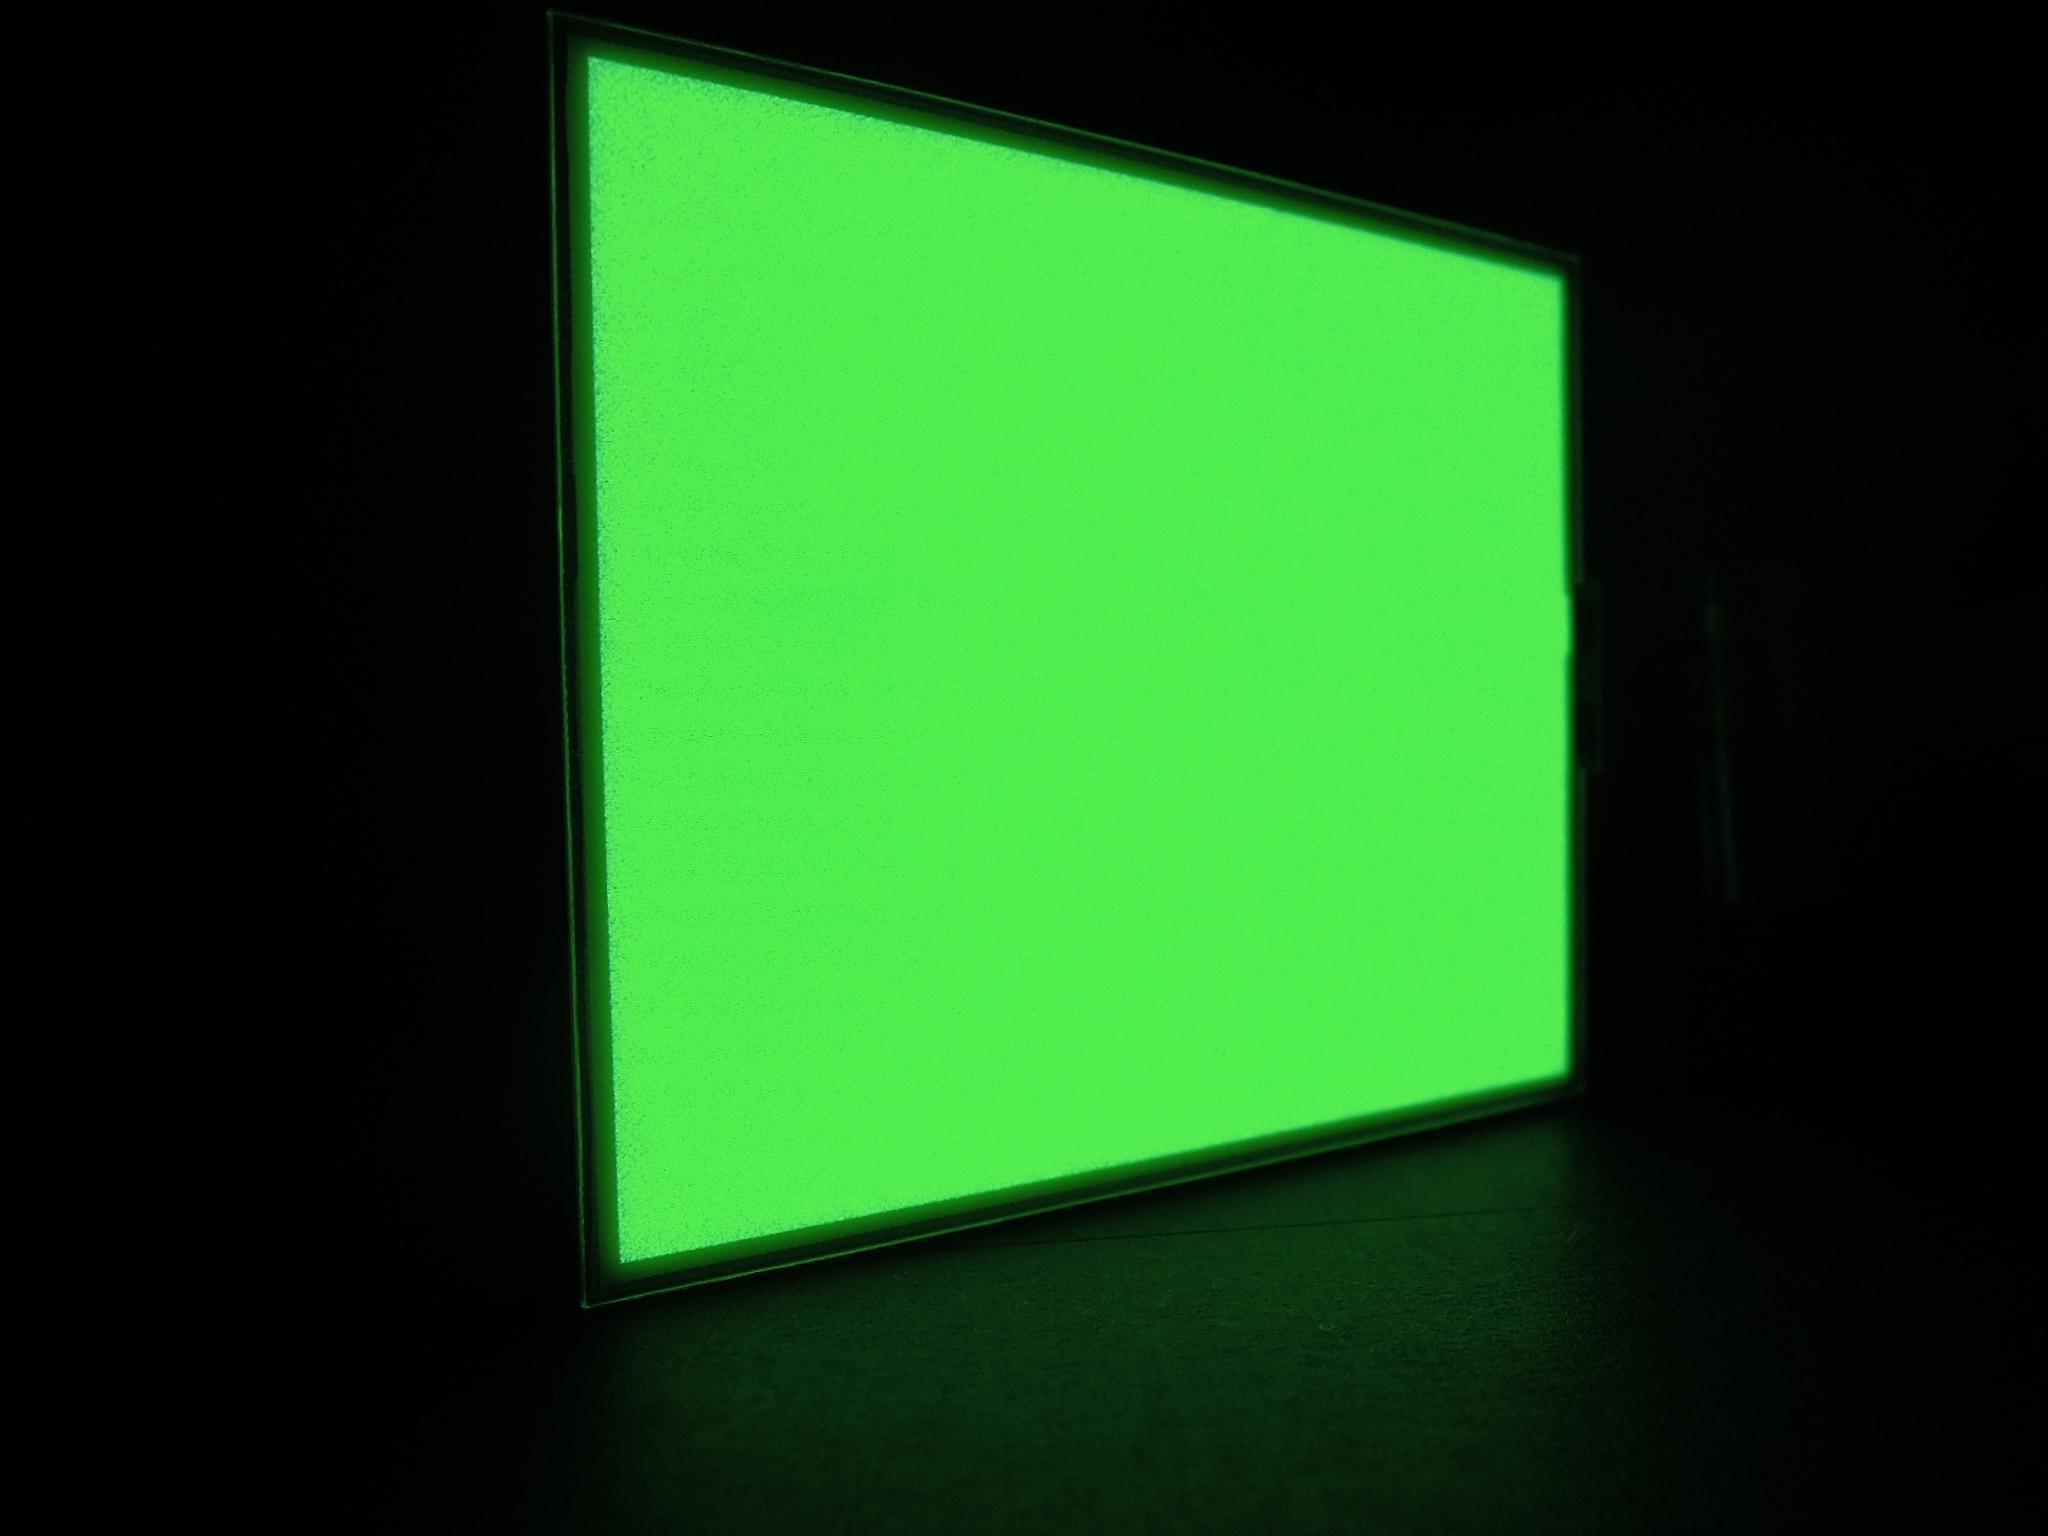 El panel for back light